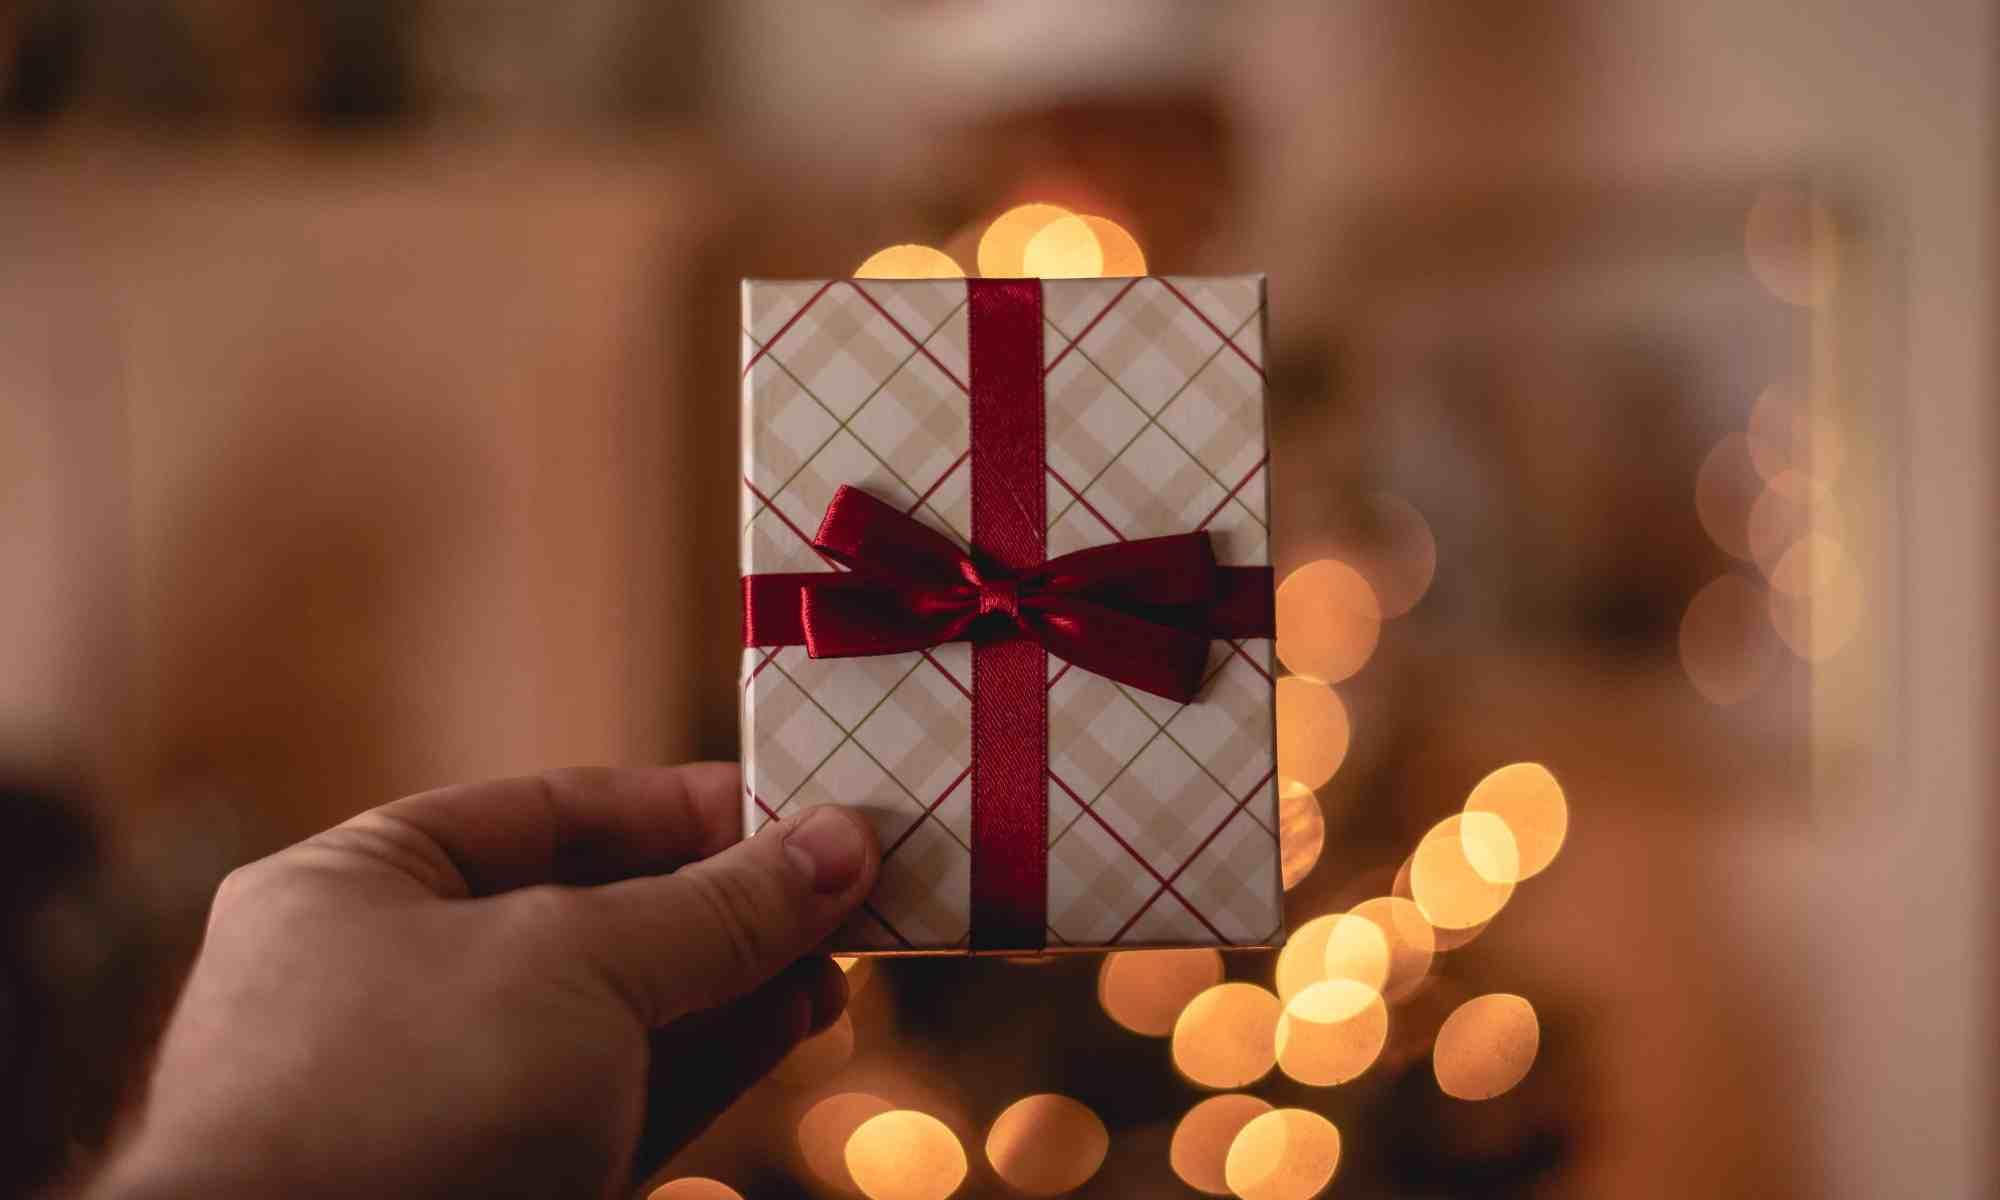 Los regalos navideños: ¿qué regalar a los críos para que no se conviertan en cerdos consumistas? 1